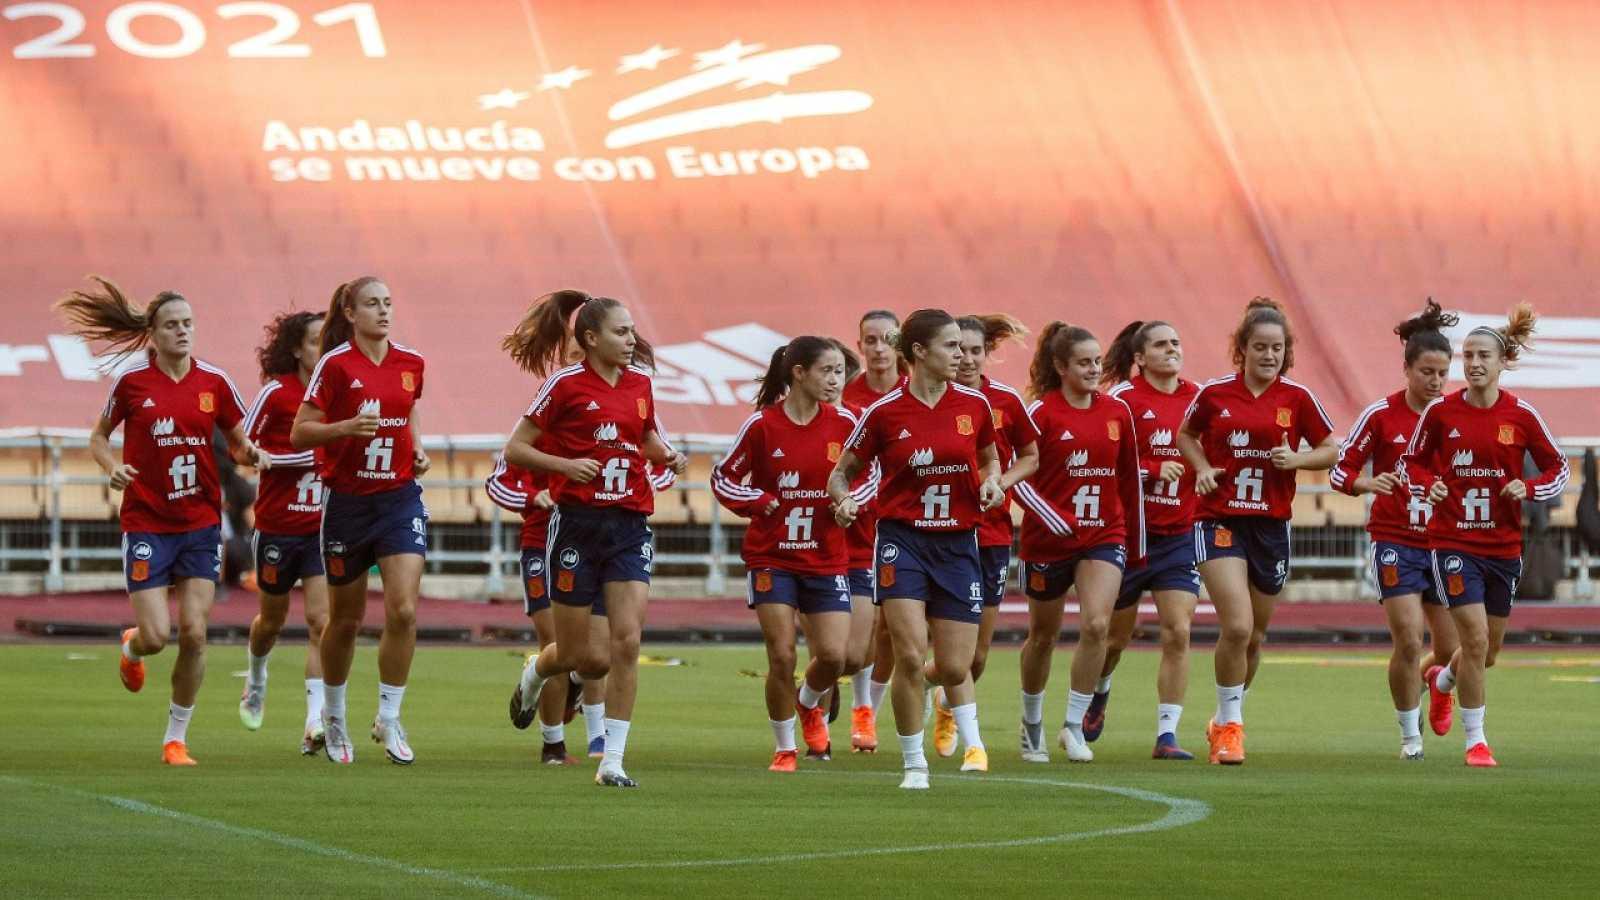 La selección española prepara el choque ante República Checa en La Cartuja